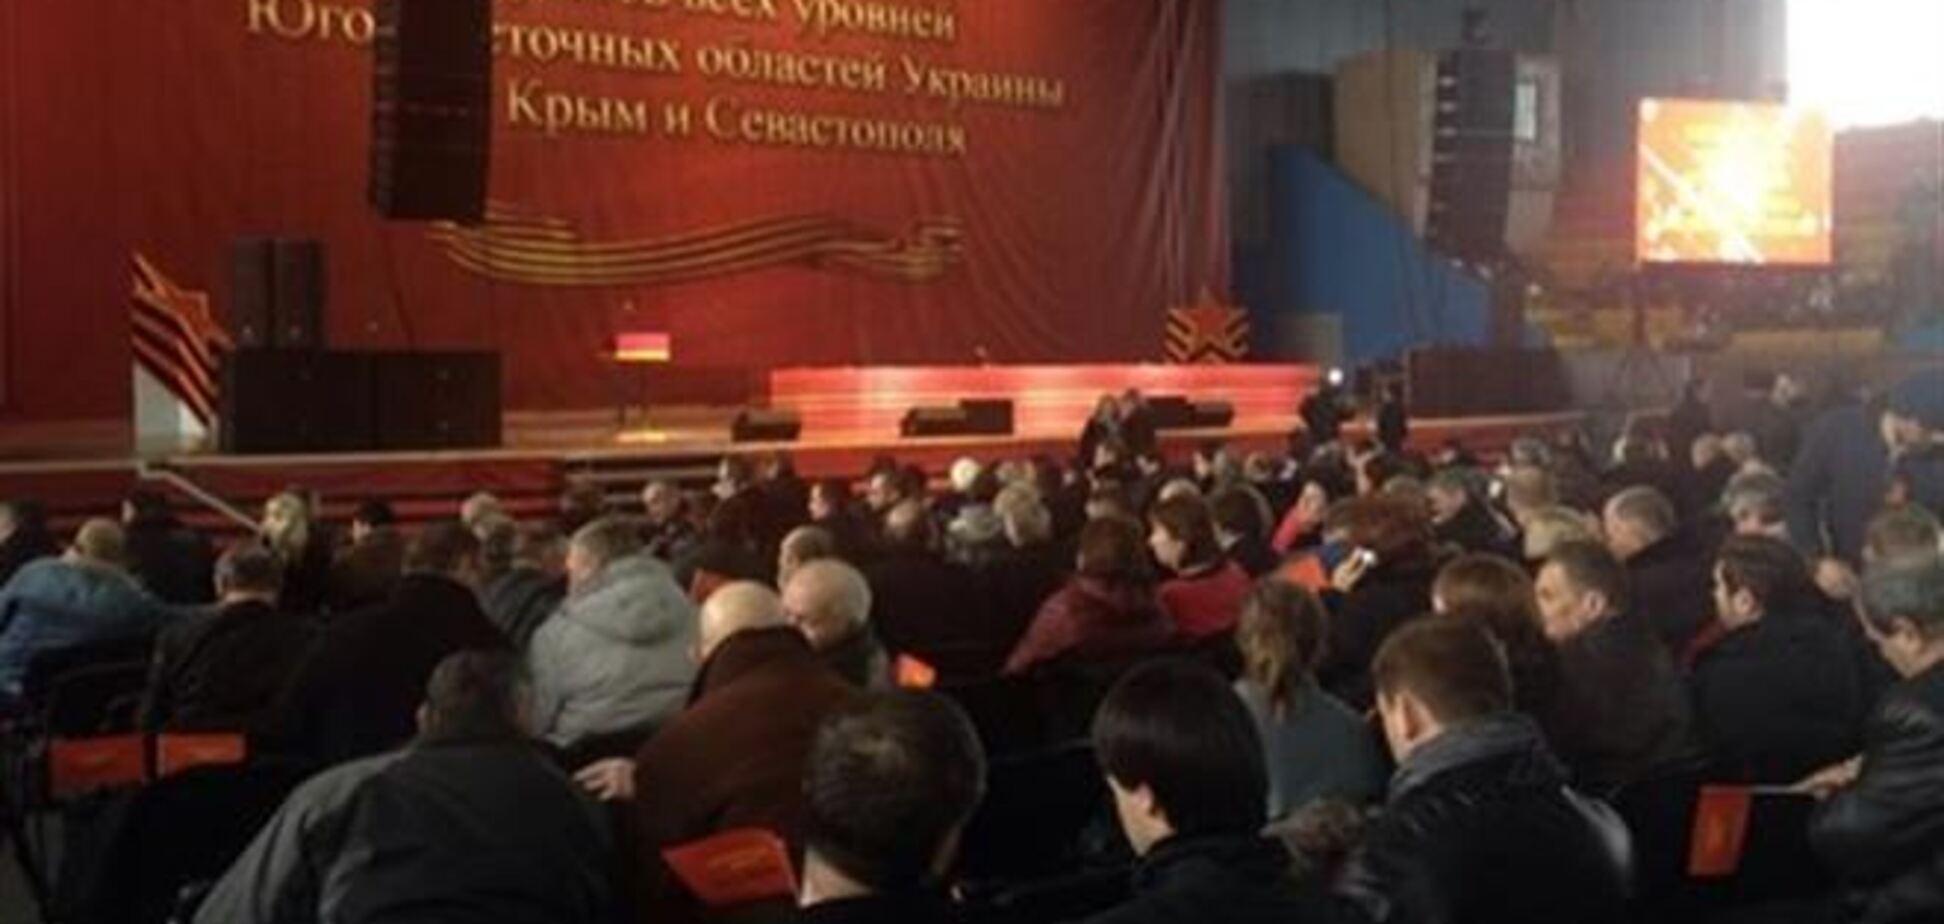 Добкін оголосив президію з'їзду 'Українського фронту'